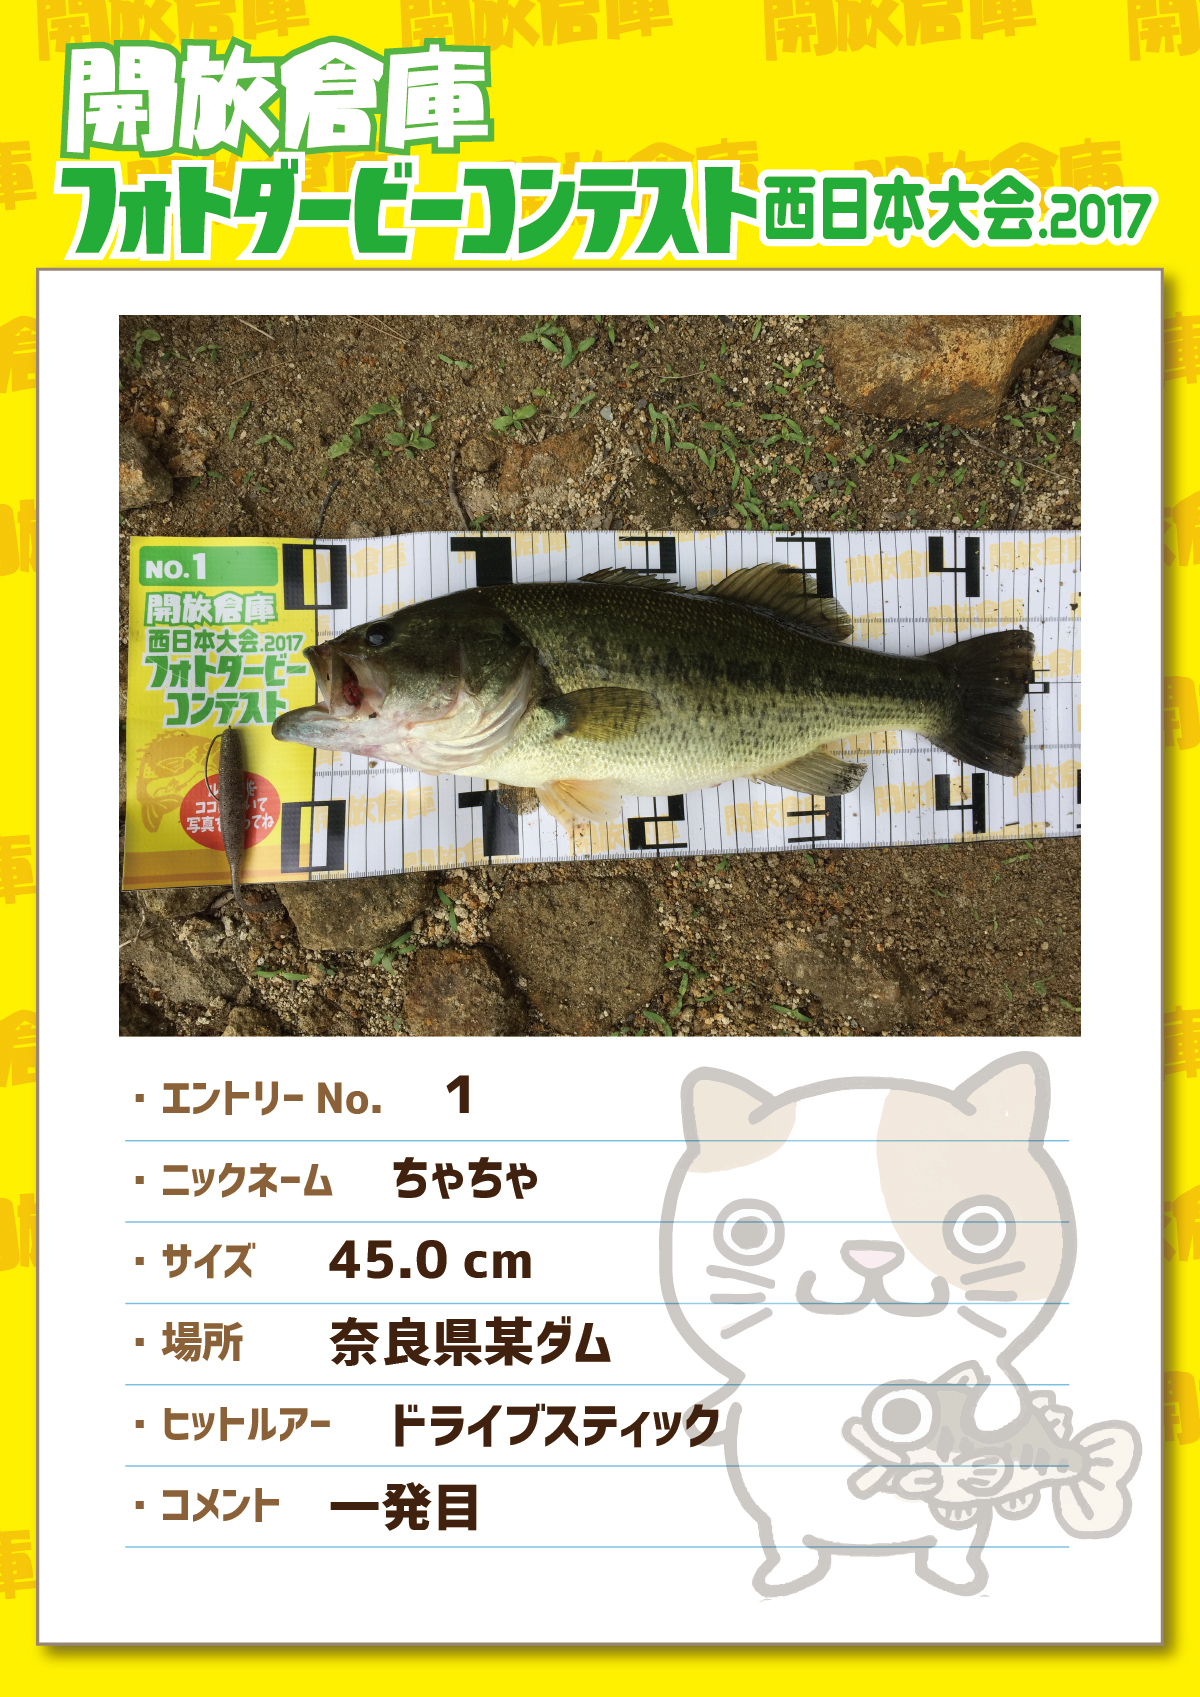 No.1 ちゃちゃ 45.0cm 奈良県某ダム ドライブスティック 一発目